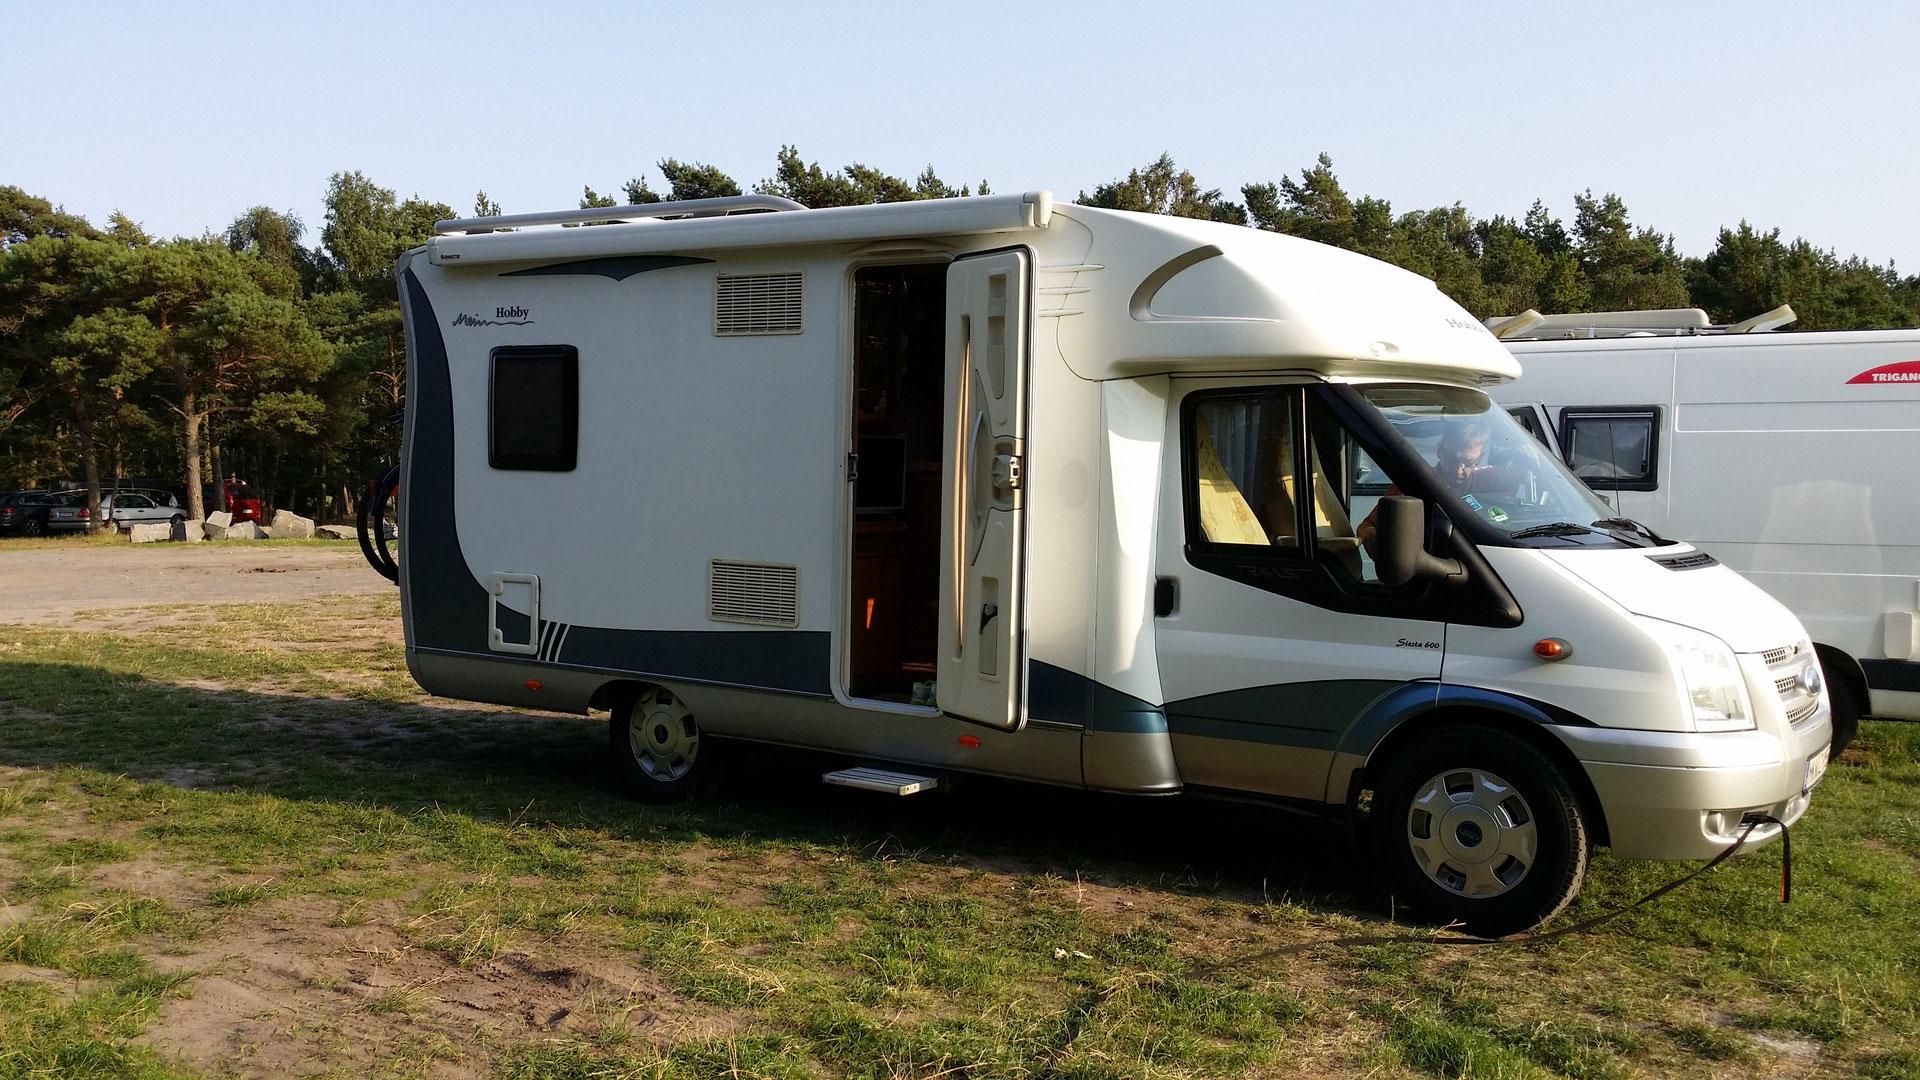 Die Gemeinschaft der Alleinstehenden: 35 Single-Camper kamen mit Wohnmobilen nach Kreuzlingen